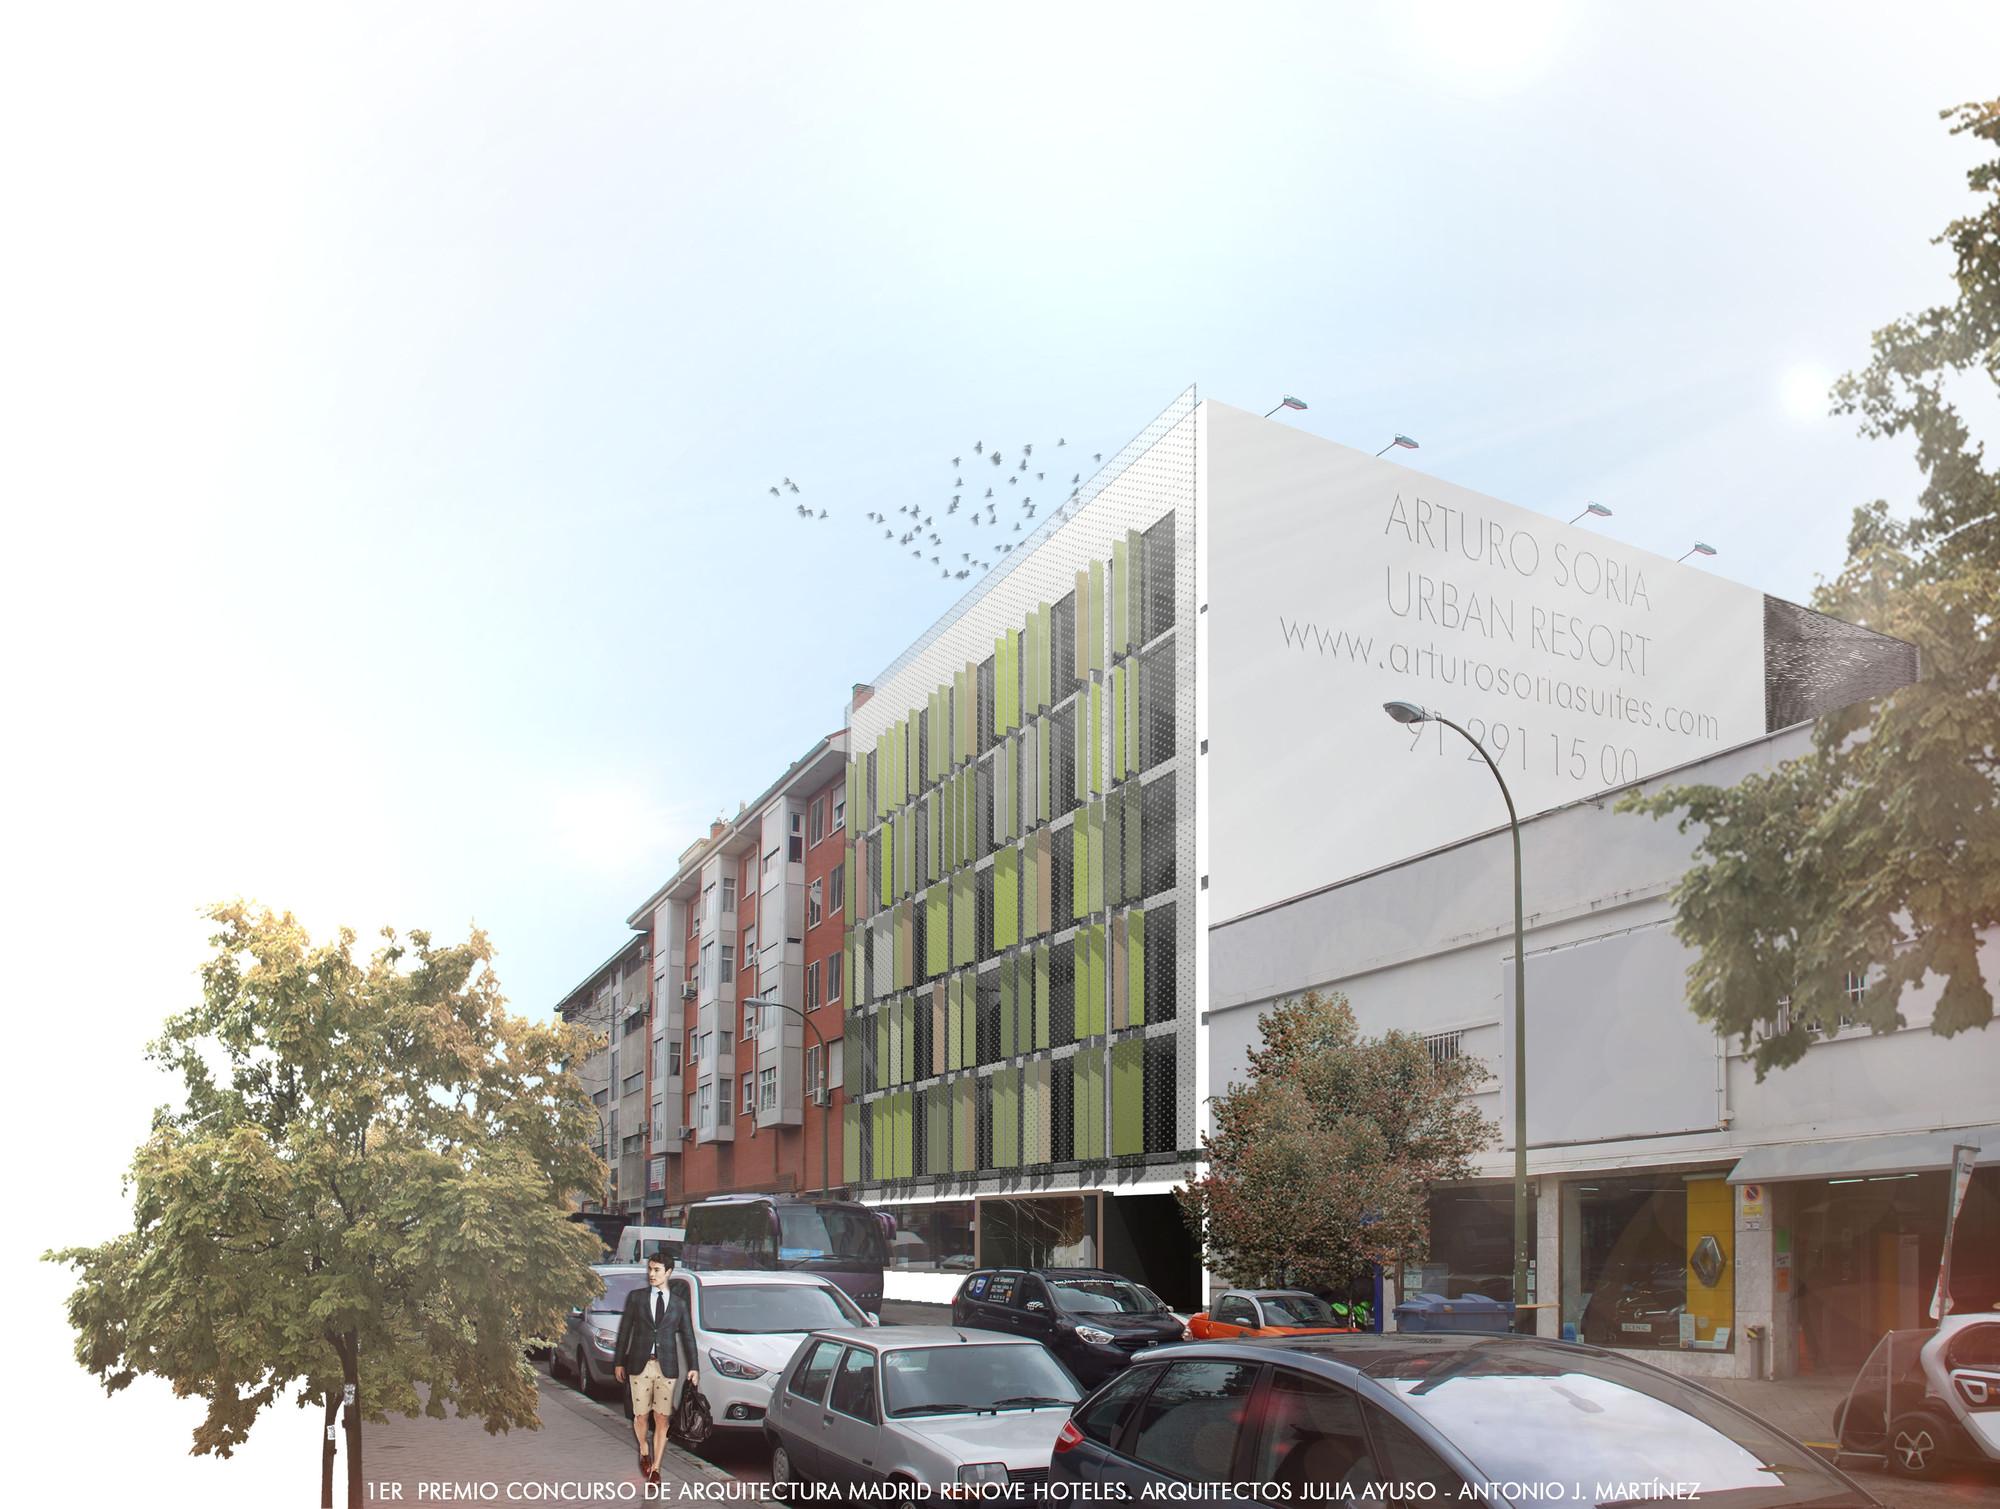 Primer Lugar en concurso Madrid Renove Hoteles / Madrid, España, Courtesy of Julia Ayuso Sánchez y Antonio J. Martínez Alarcón